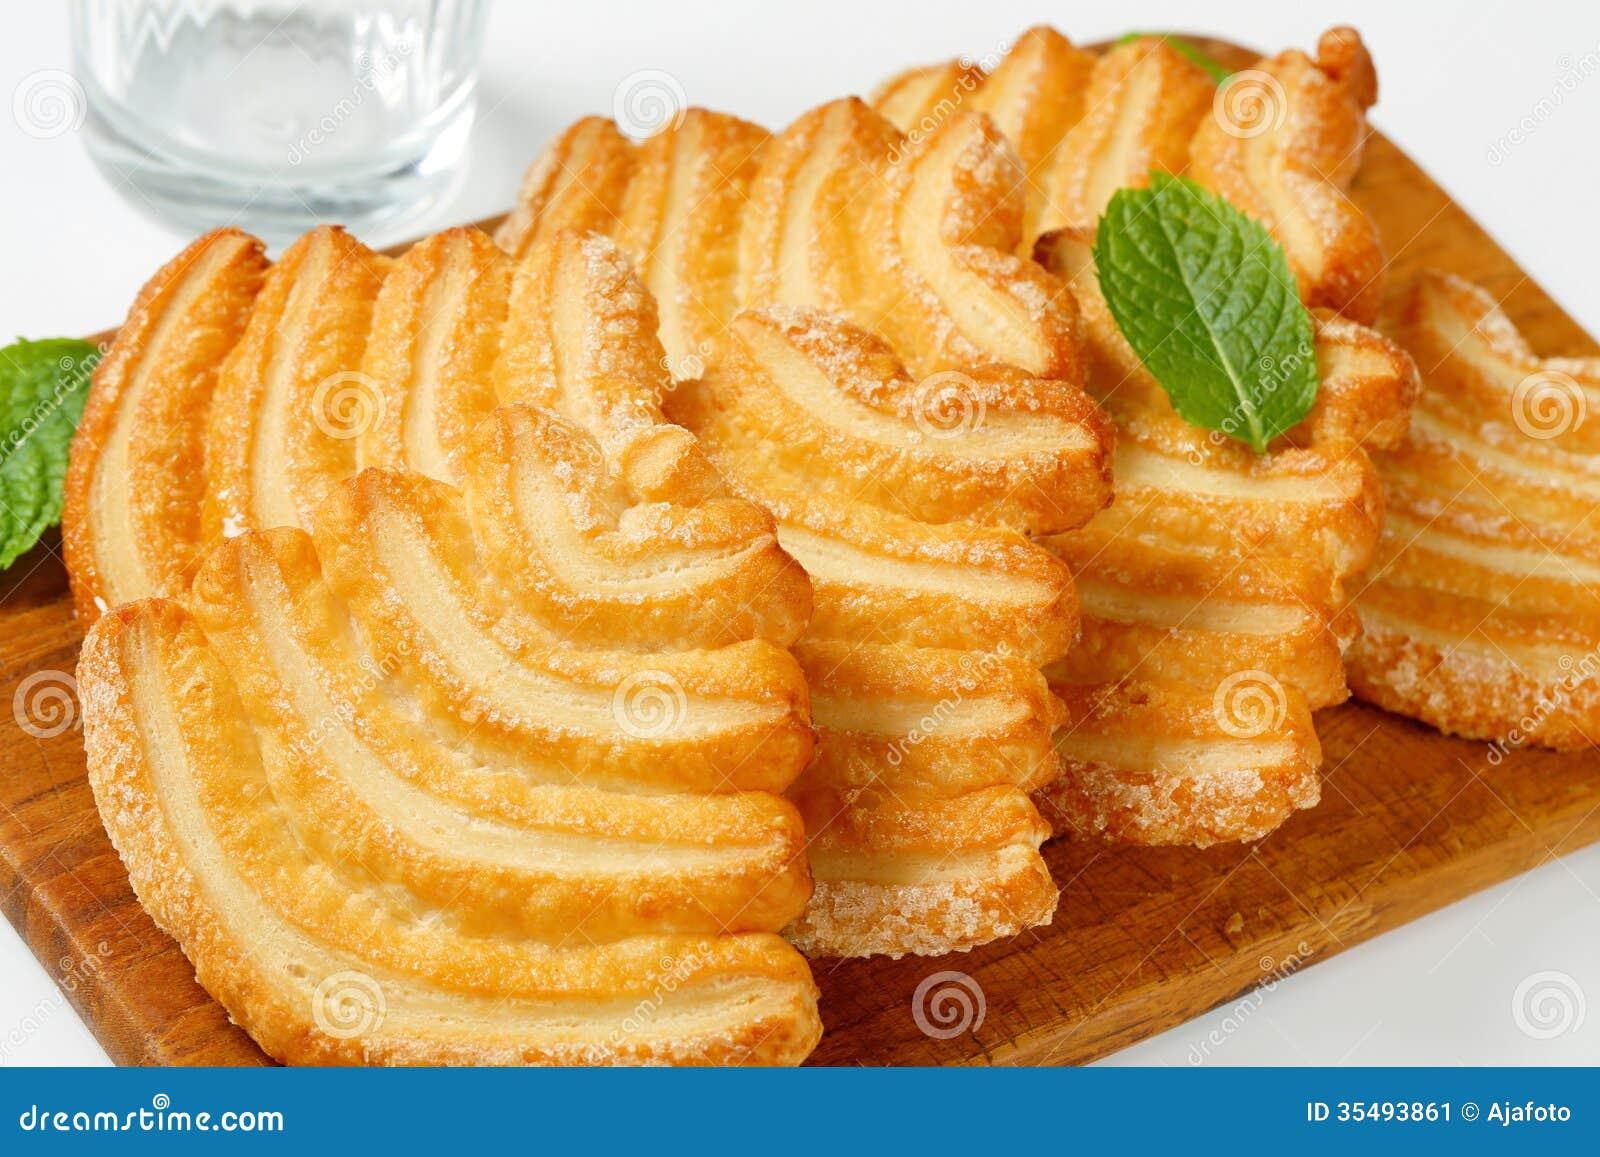 puff pastry svenska